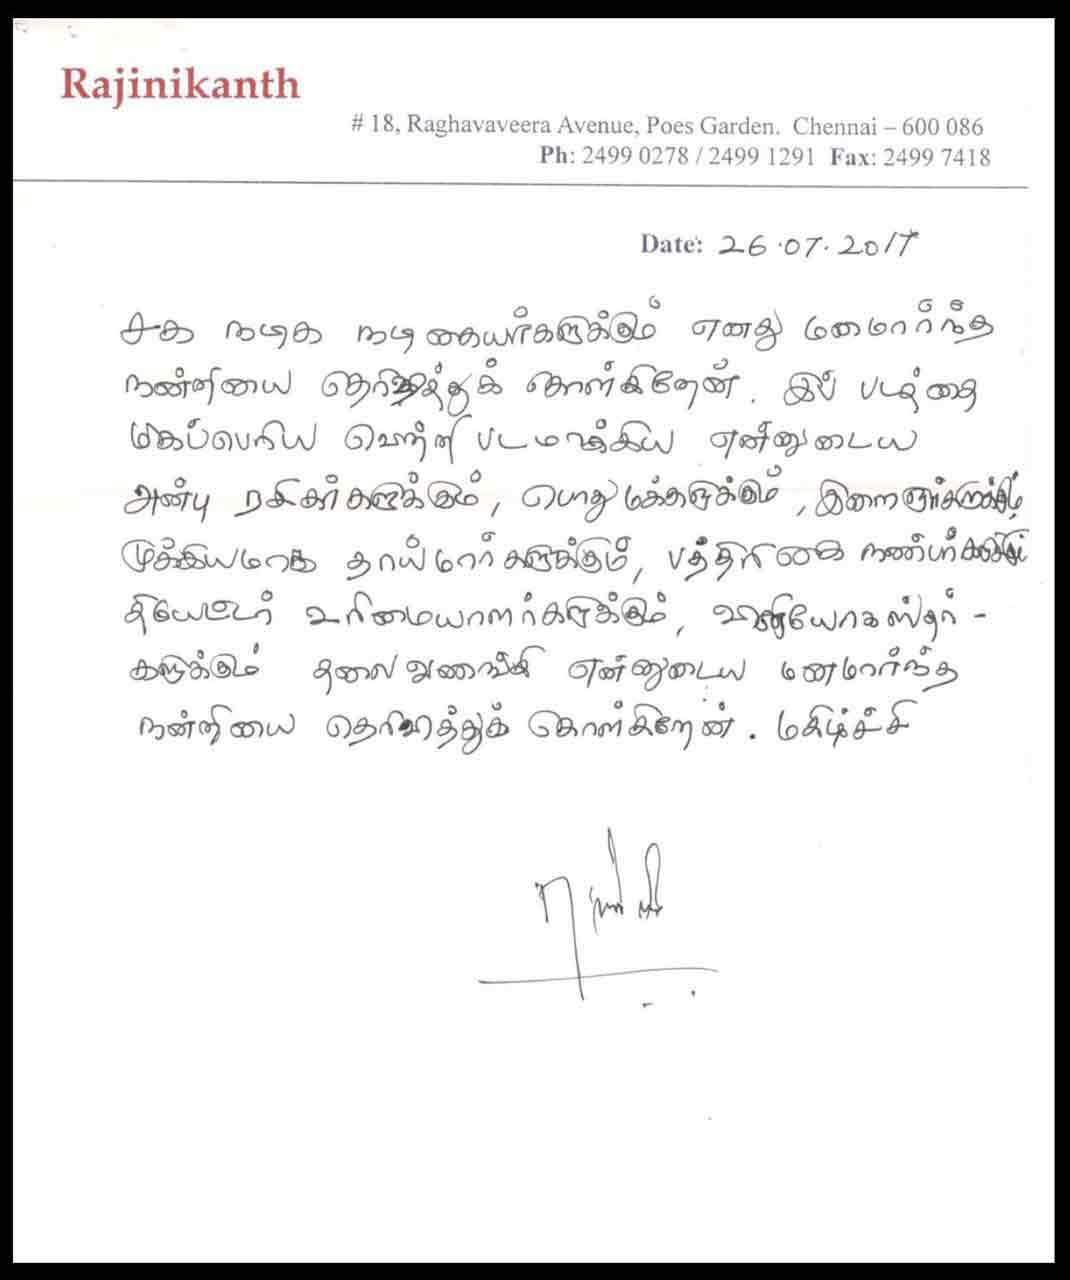 Rajni-letter-2